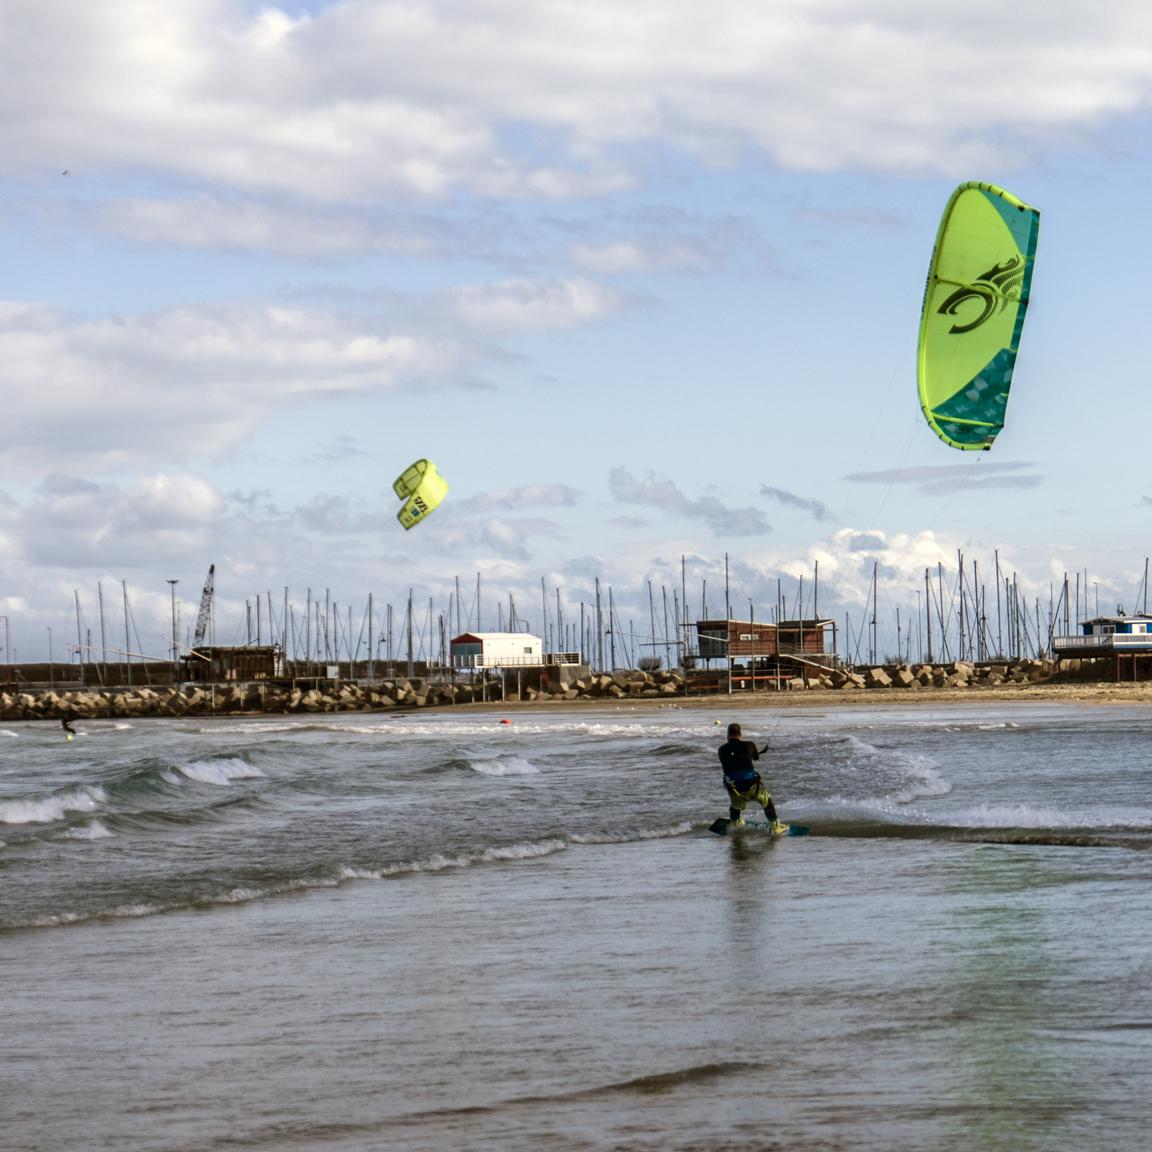 Kite Surfing, Again